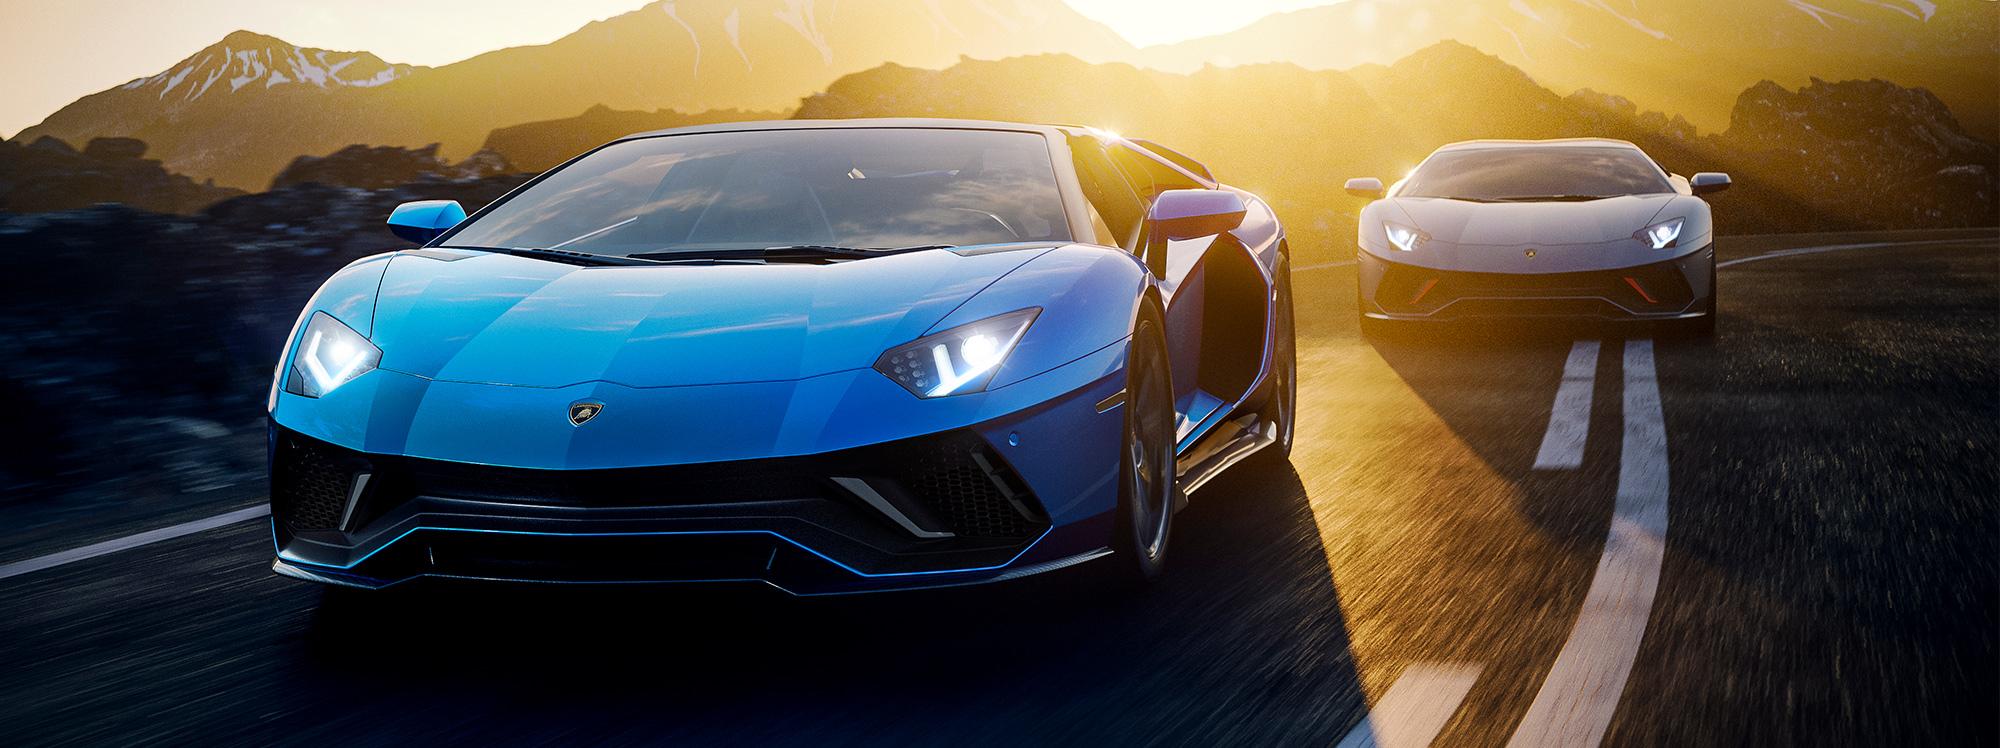 'Aventador Ultimae', una edición conmemorativa de Lamborghini